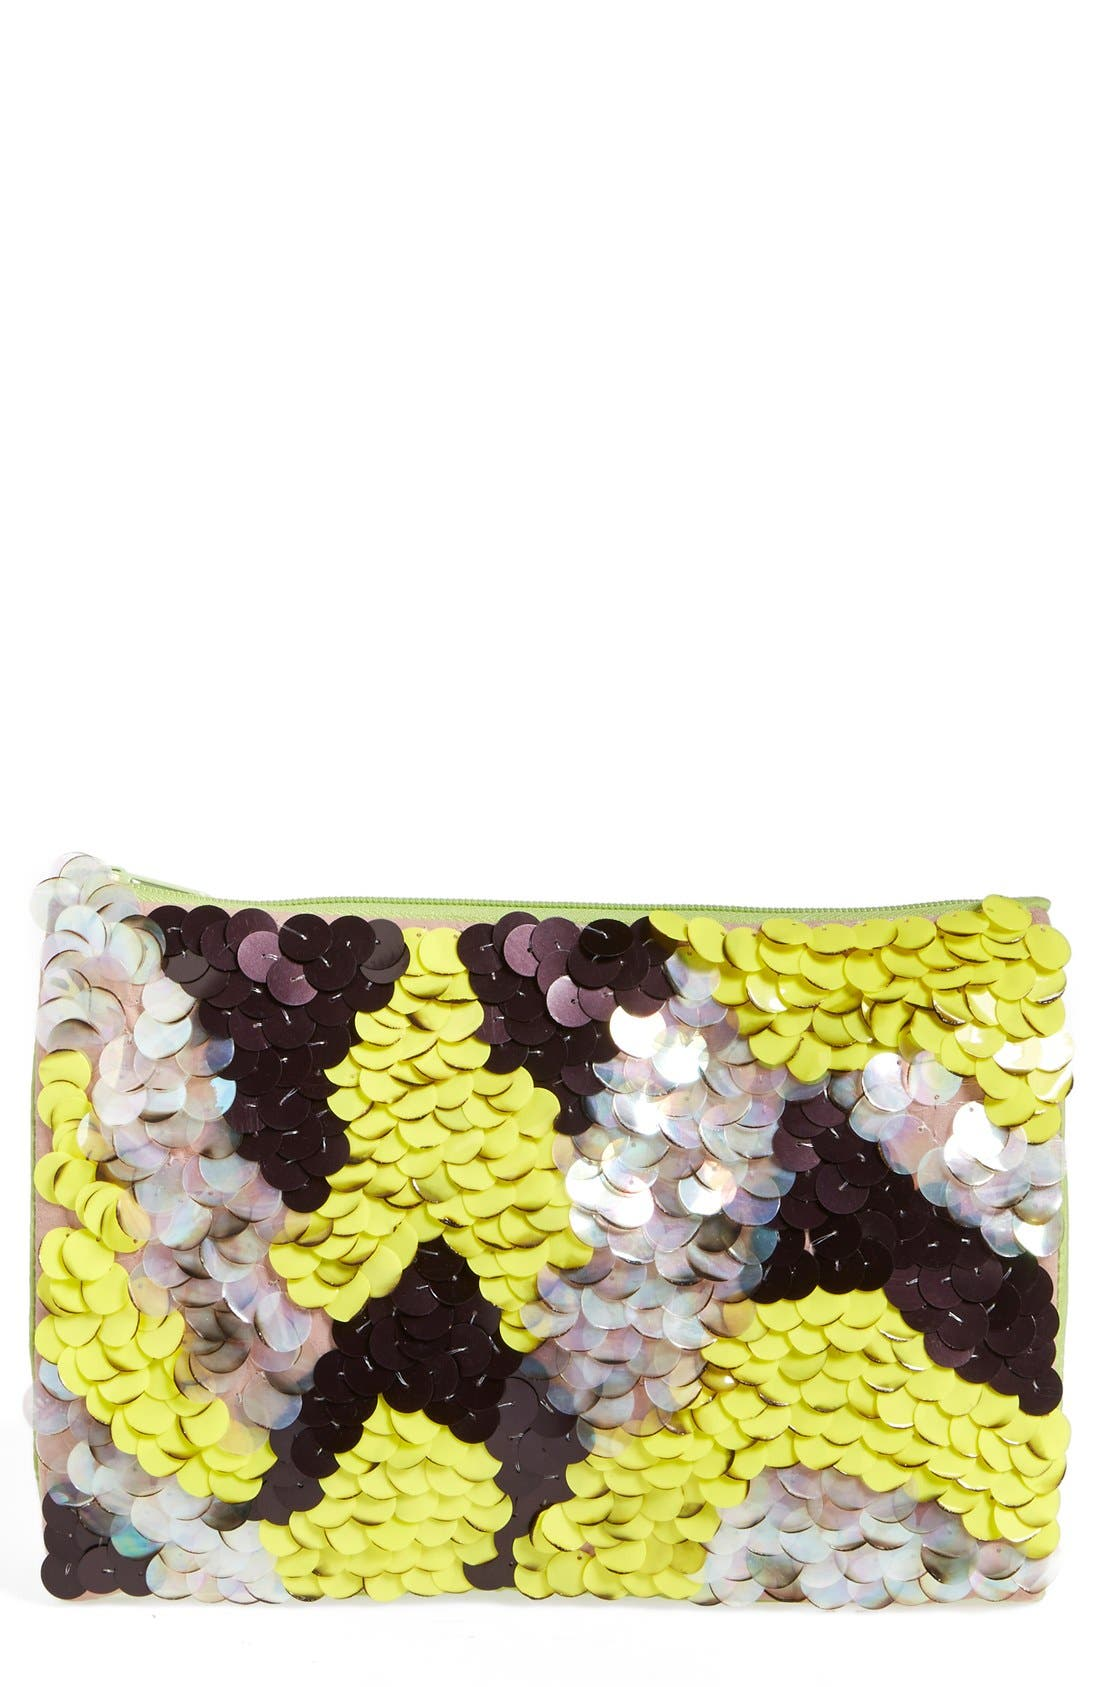 Main Image - Berry Ombré Sequin Clutch